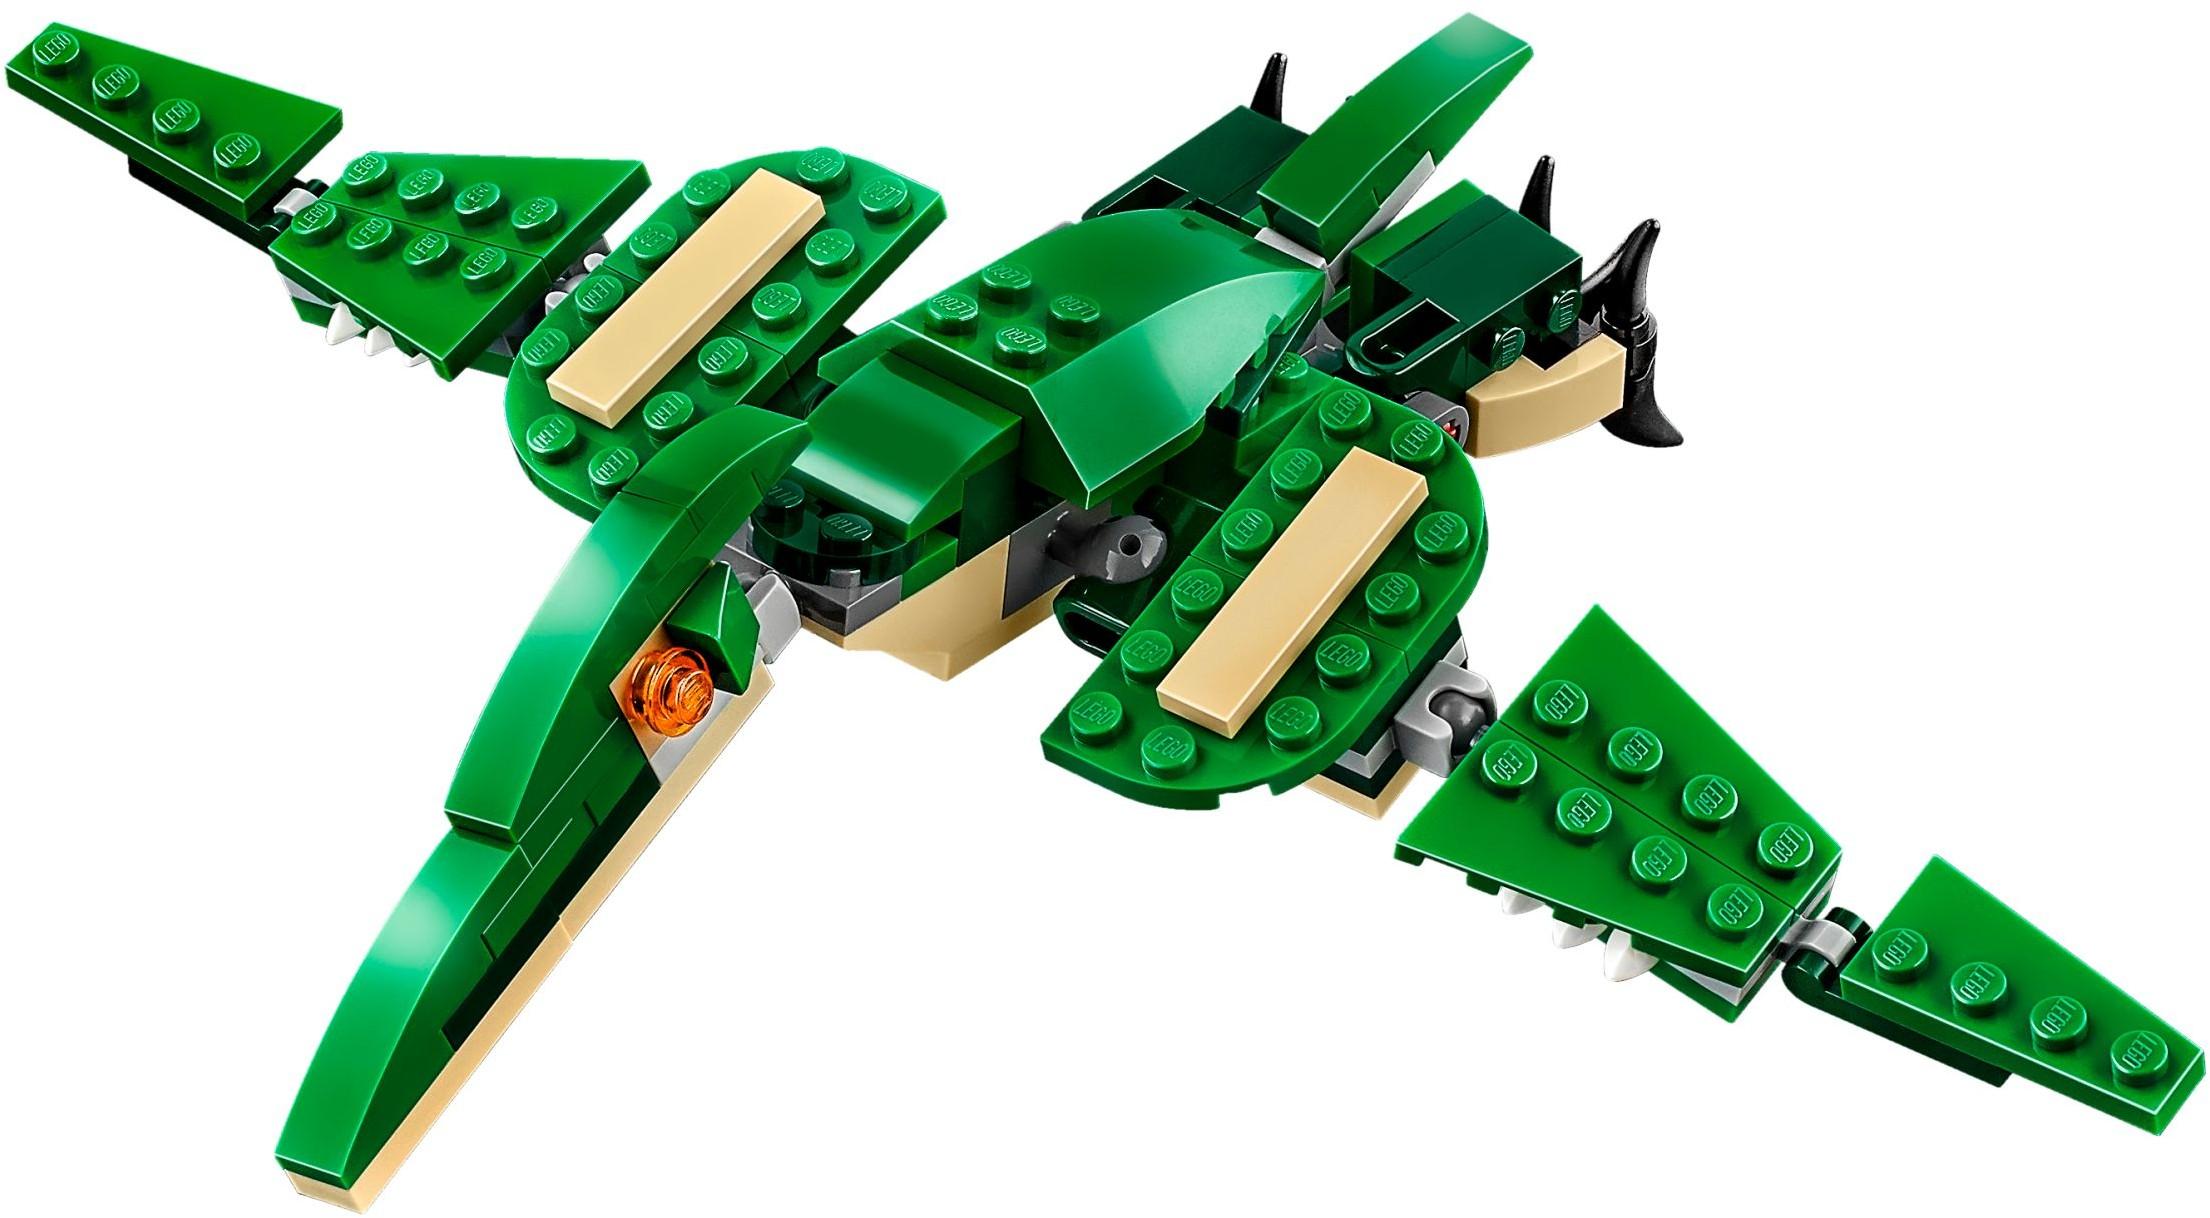 Mua đồ chơi LEGO 31058 - LEGO Creator 31058 - Mô Hình Khủng Long - Thằn Lằn Bay - Tê Giác 3-trong-1 (LEGO Creator Mighty Dinosaurs 31058)